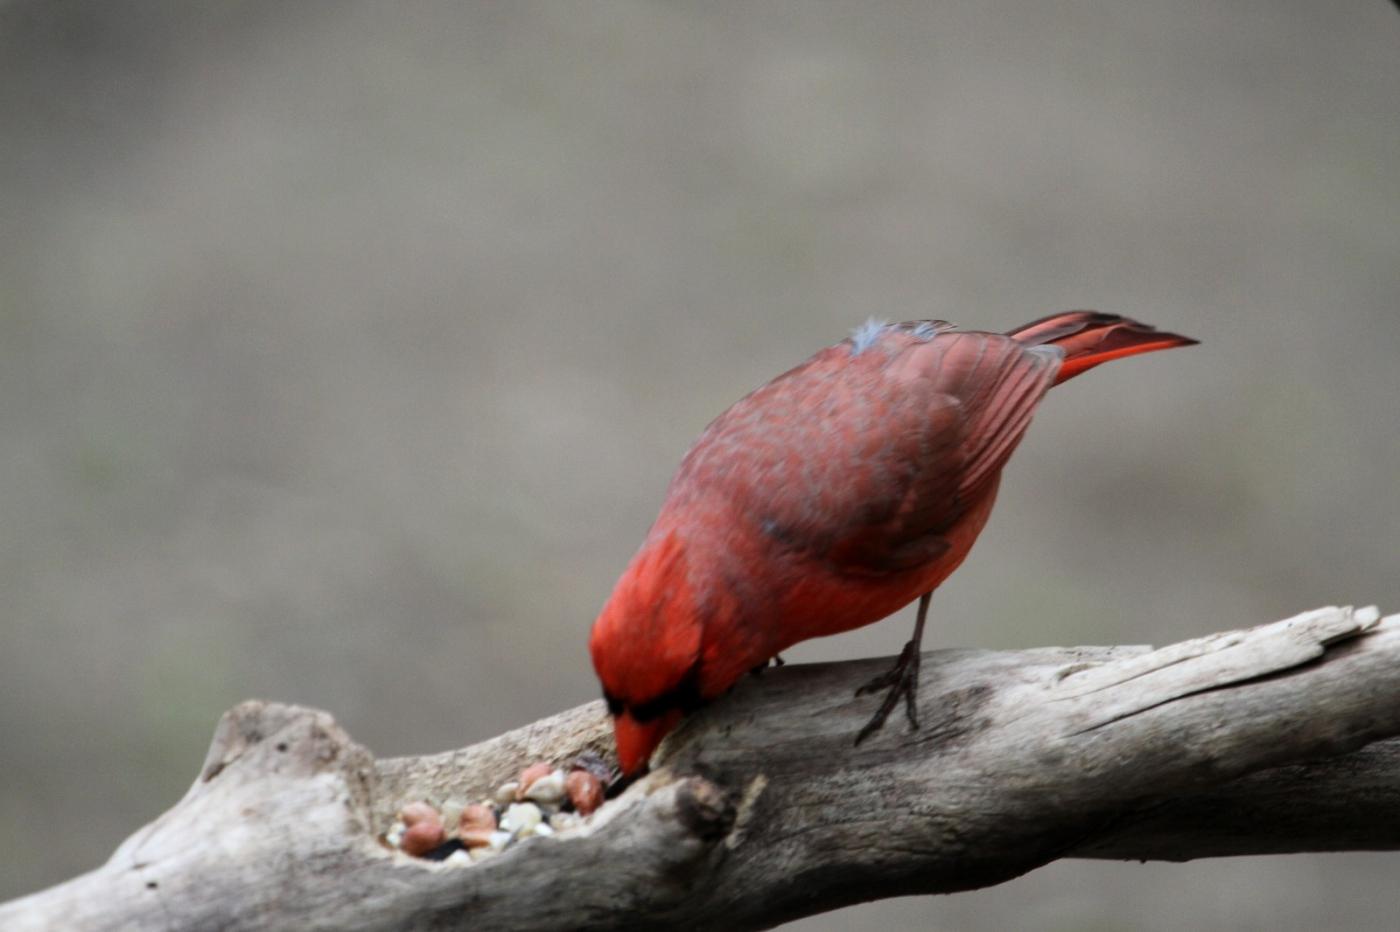 【田螺摄影】有吃的主教鸟还会挑肥拣瘦_图1-10